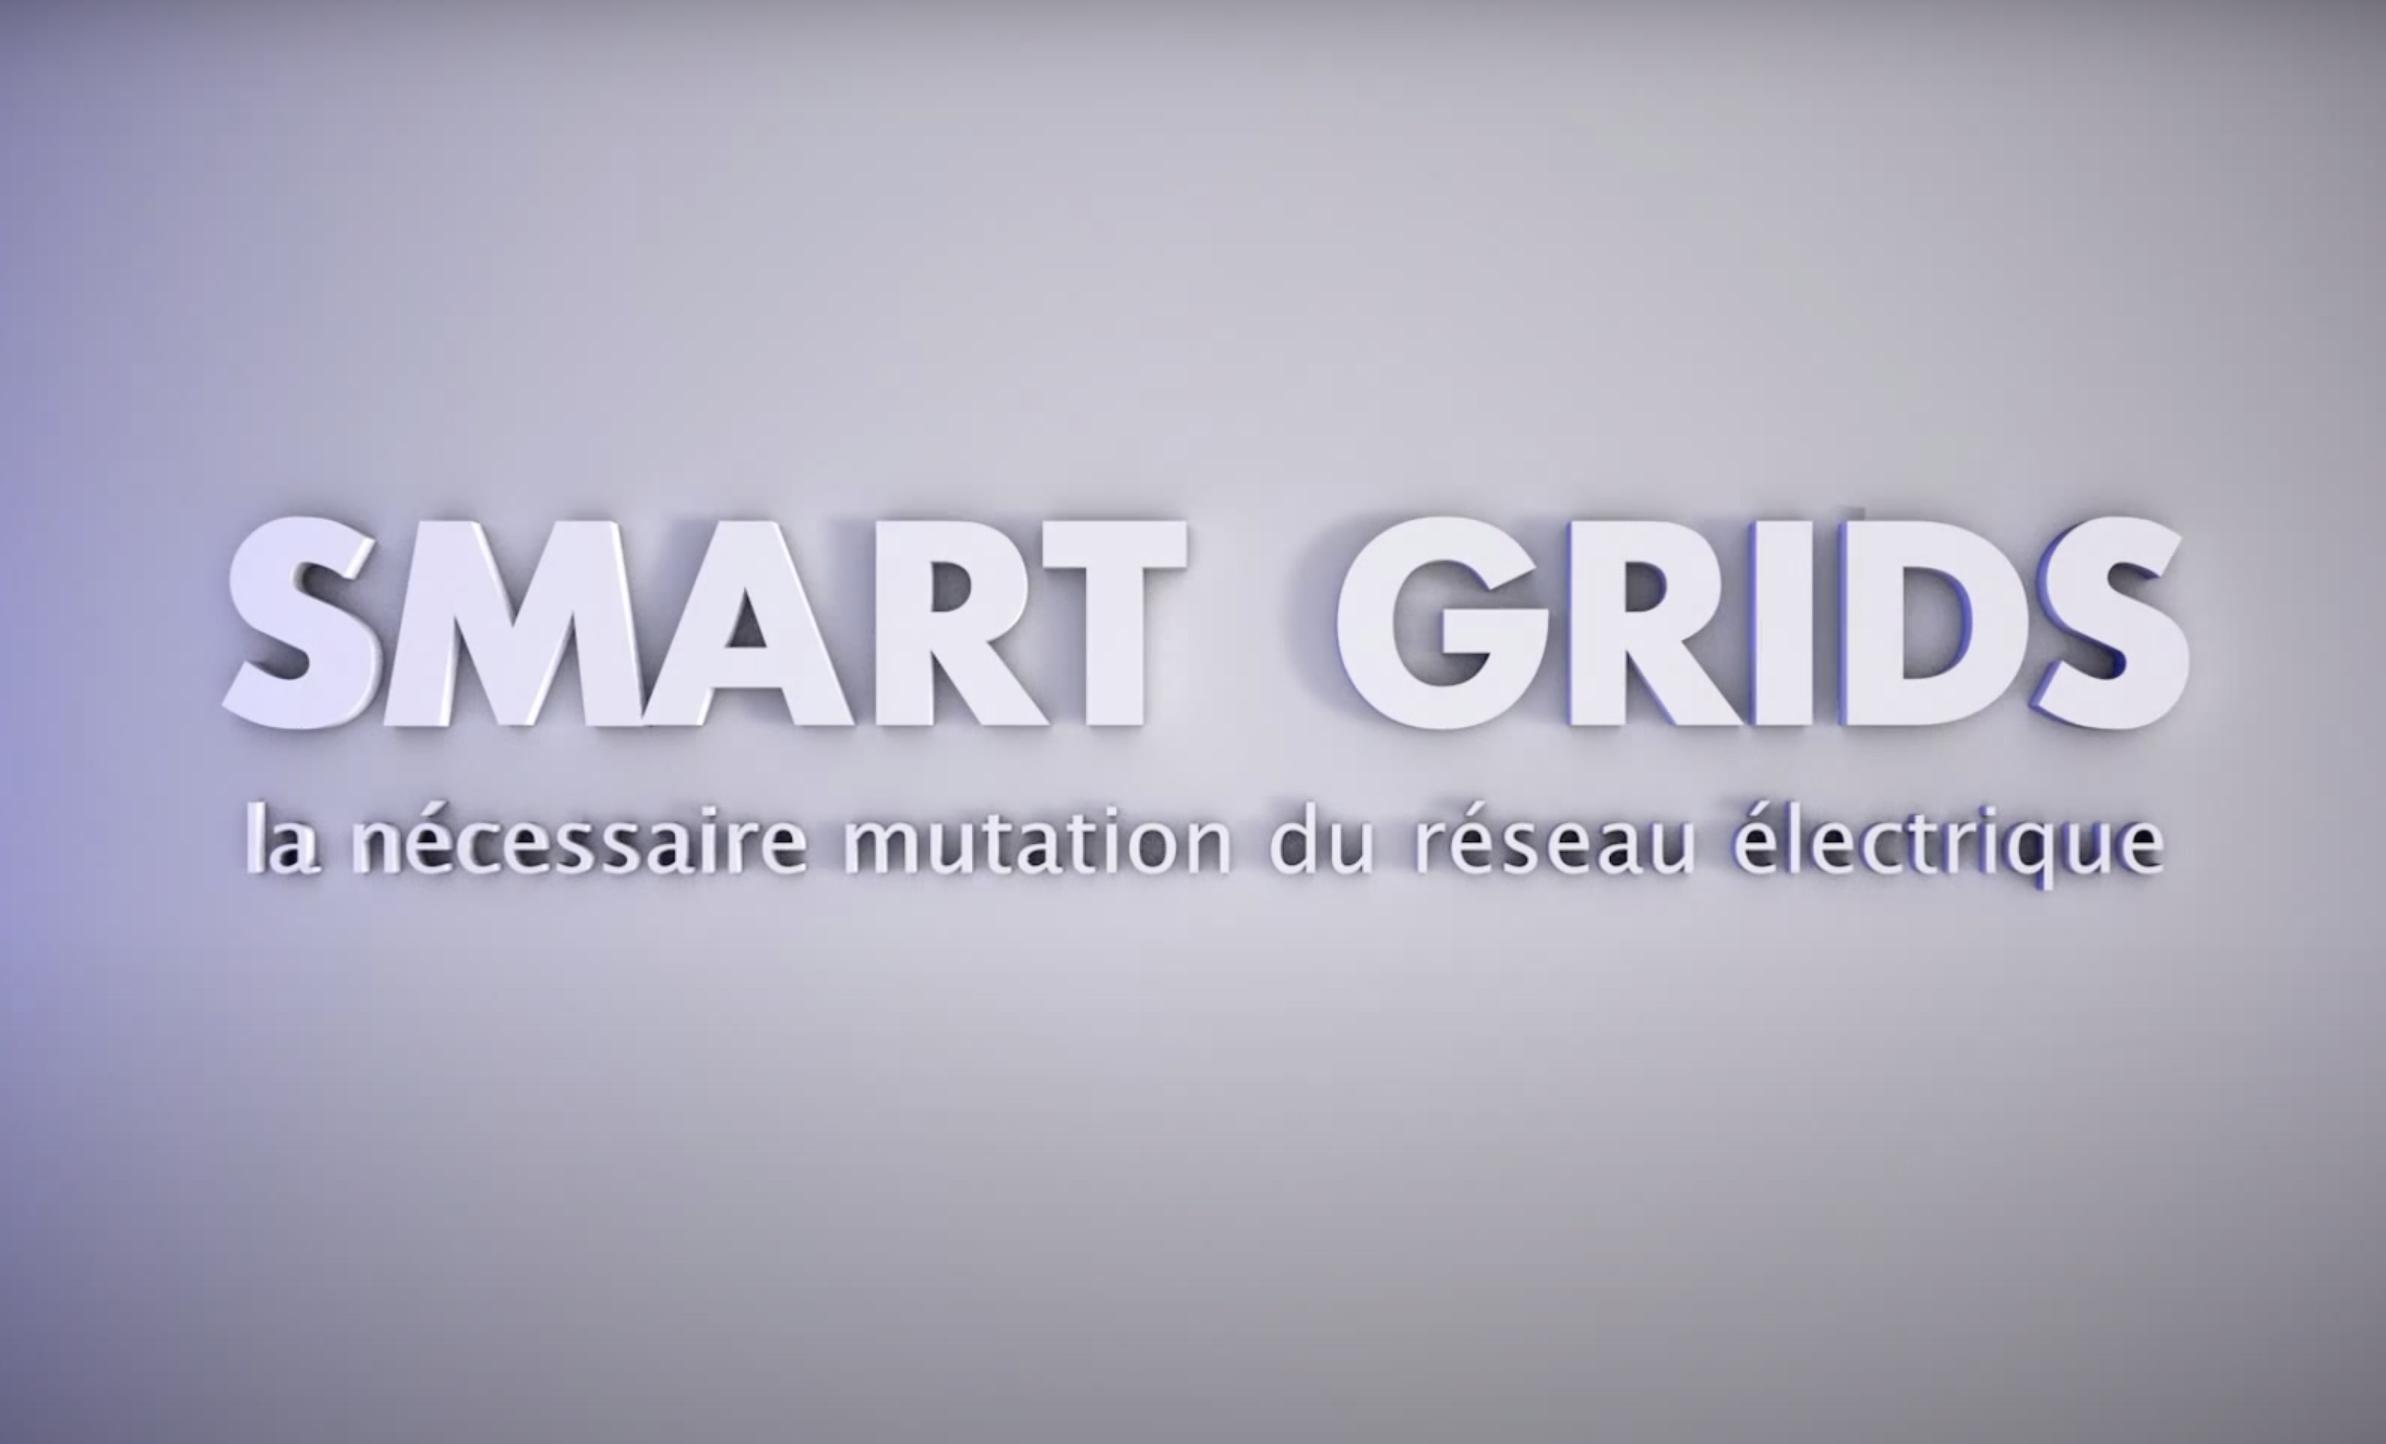 SMART GRIDS, la nécessaire mutation du réseau électrique